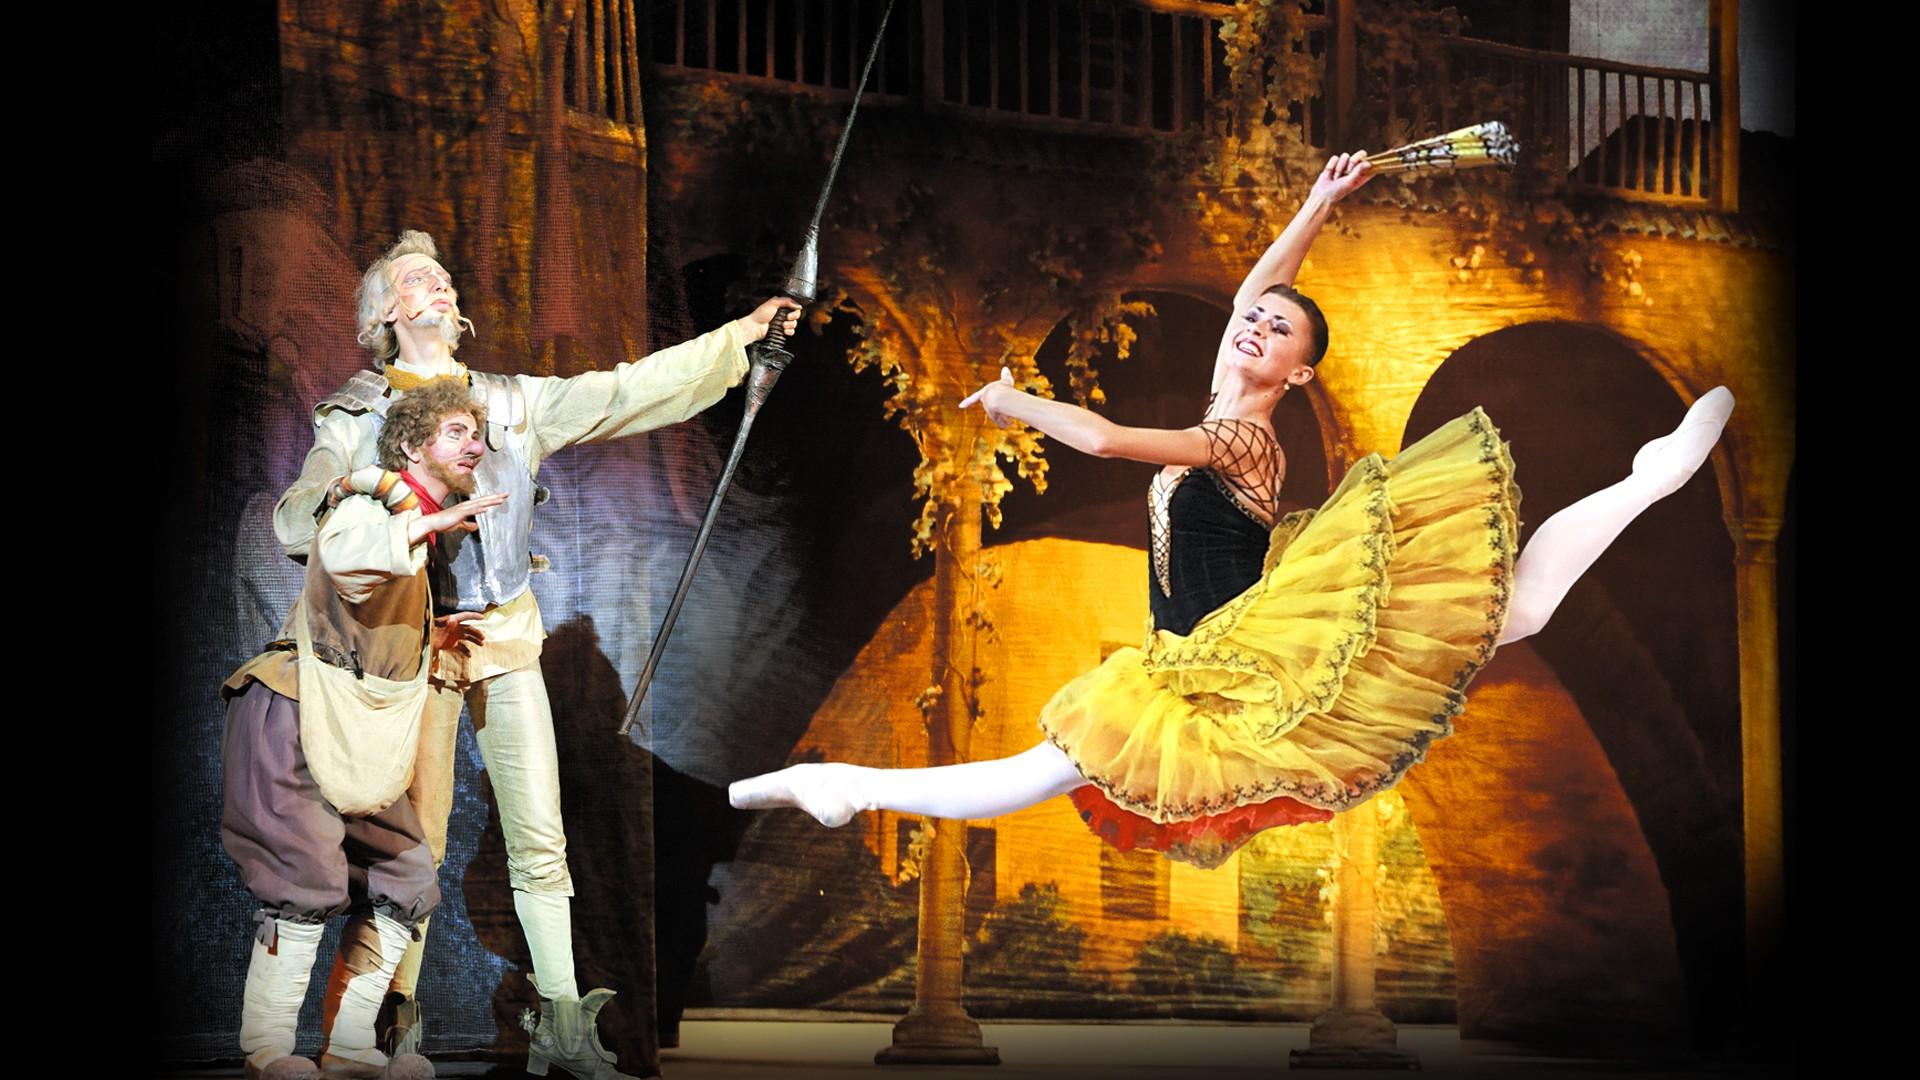 """VII Международный фестиваль балета в Кремле. Дон Кихот. Спектакль театра """"Кремлёвский балет"""""""